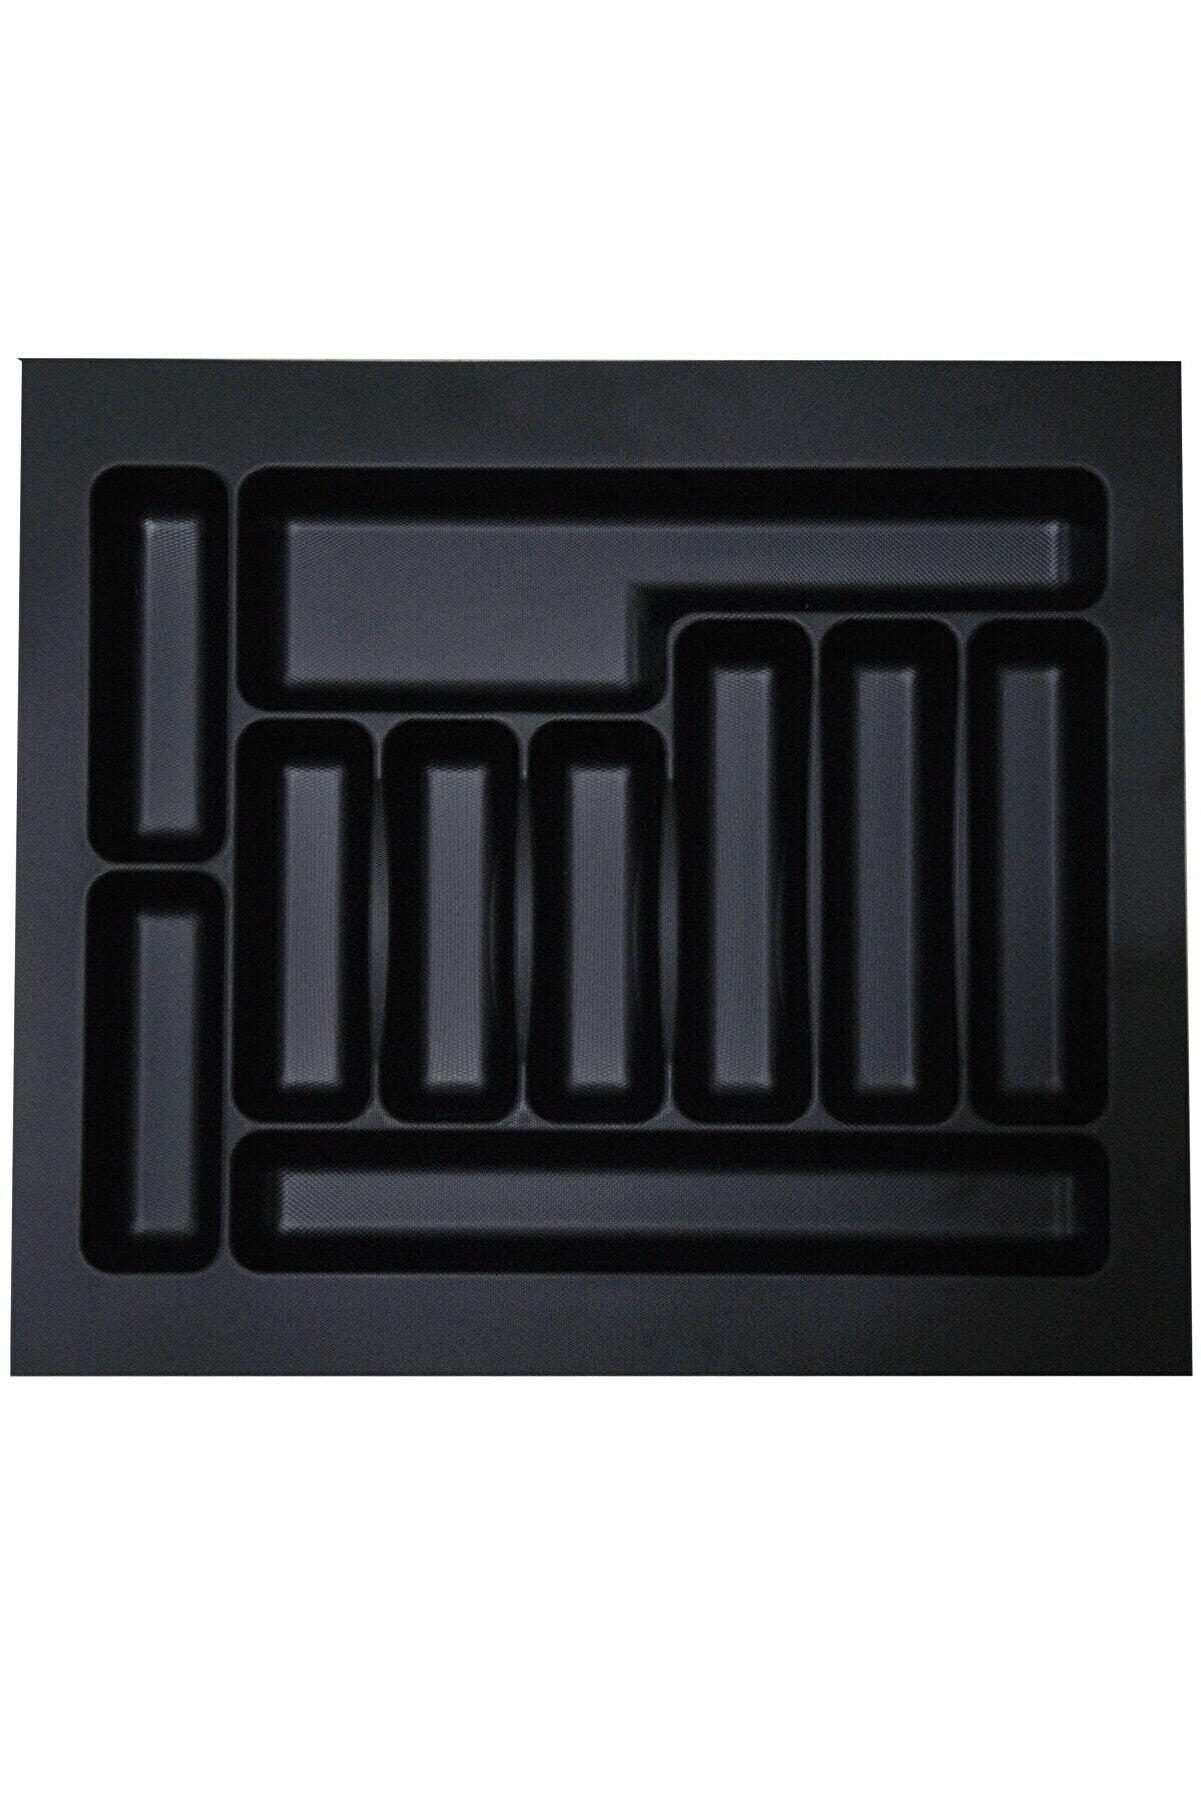 İNTERİO 55 Cm X 49 Cm Çekmece Içi Kaşıklık Siyah 50x40'a Kadar Kesilebilir